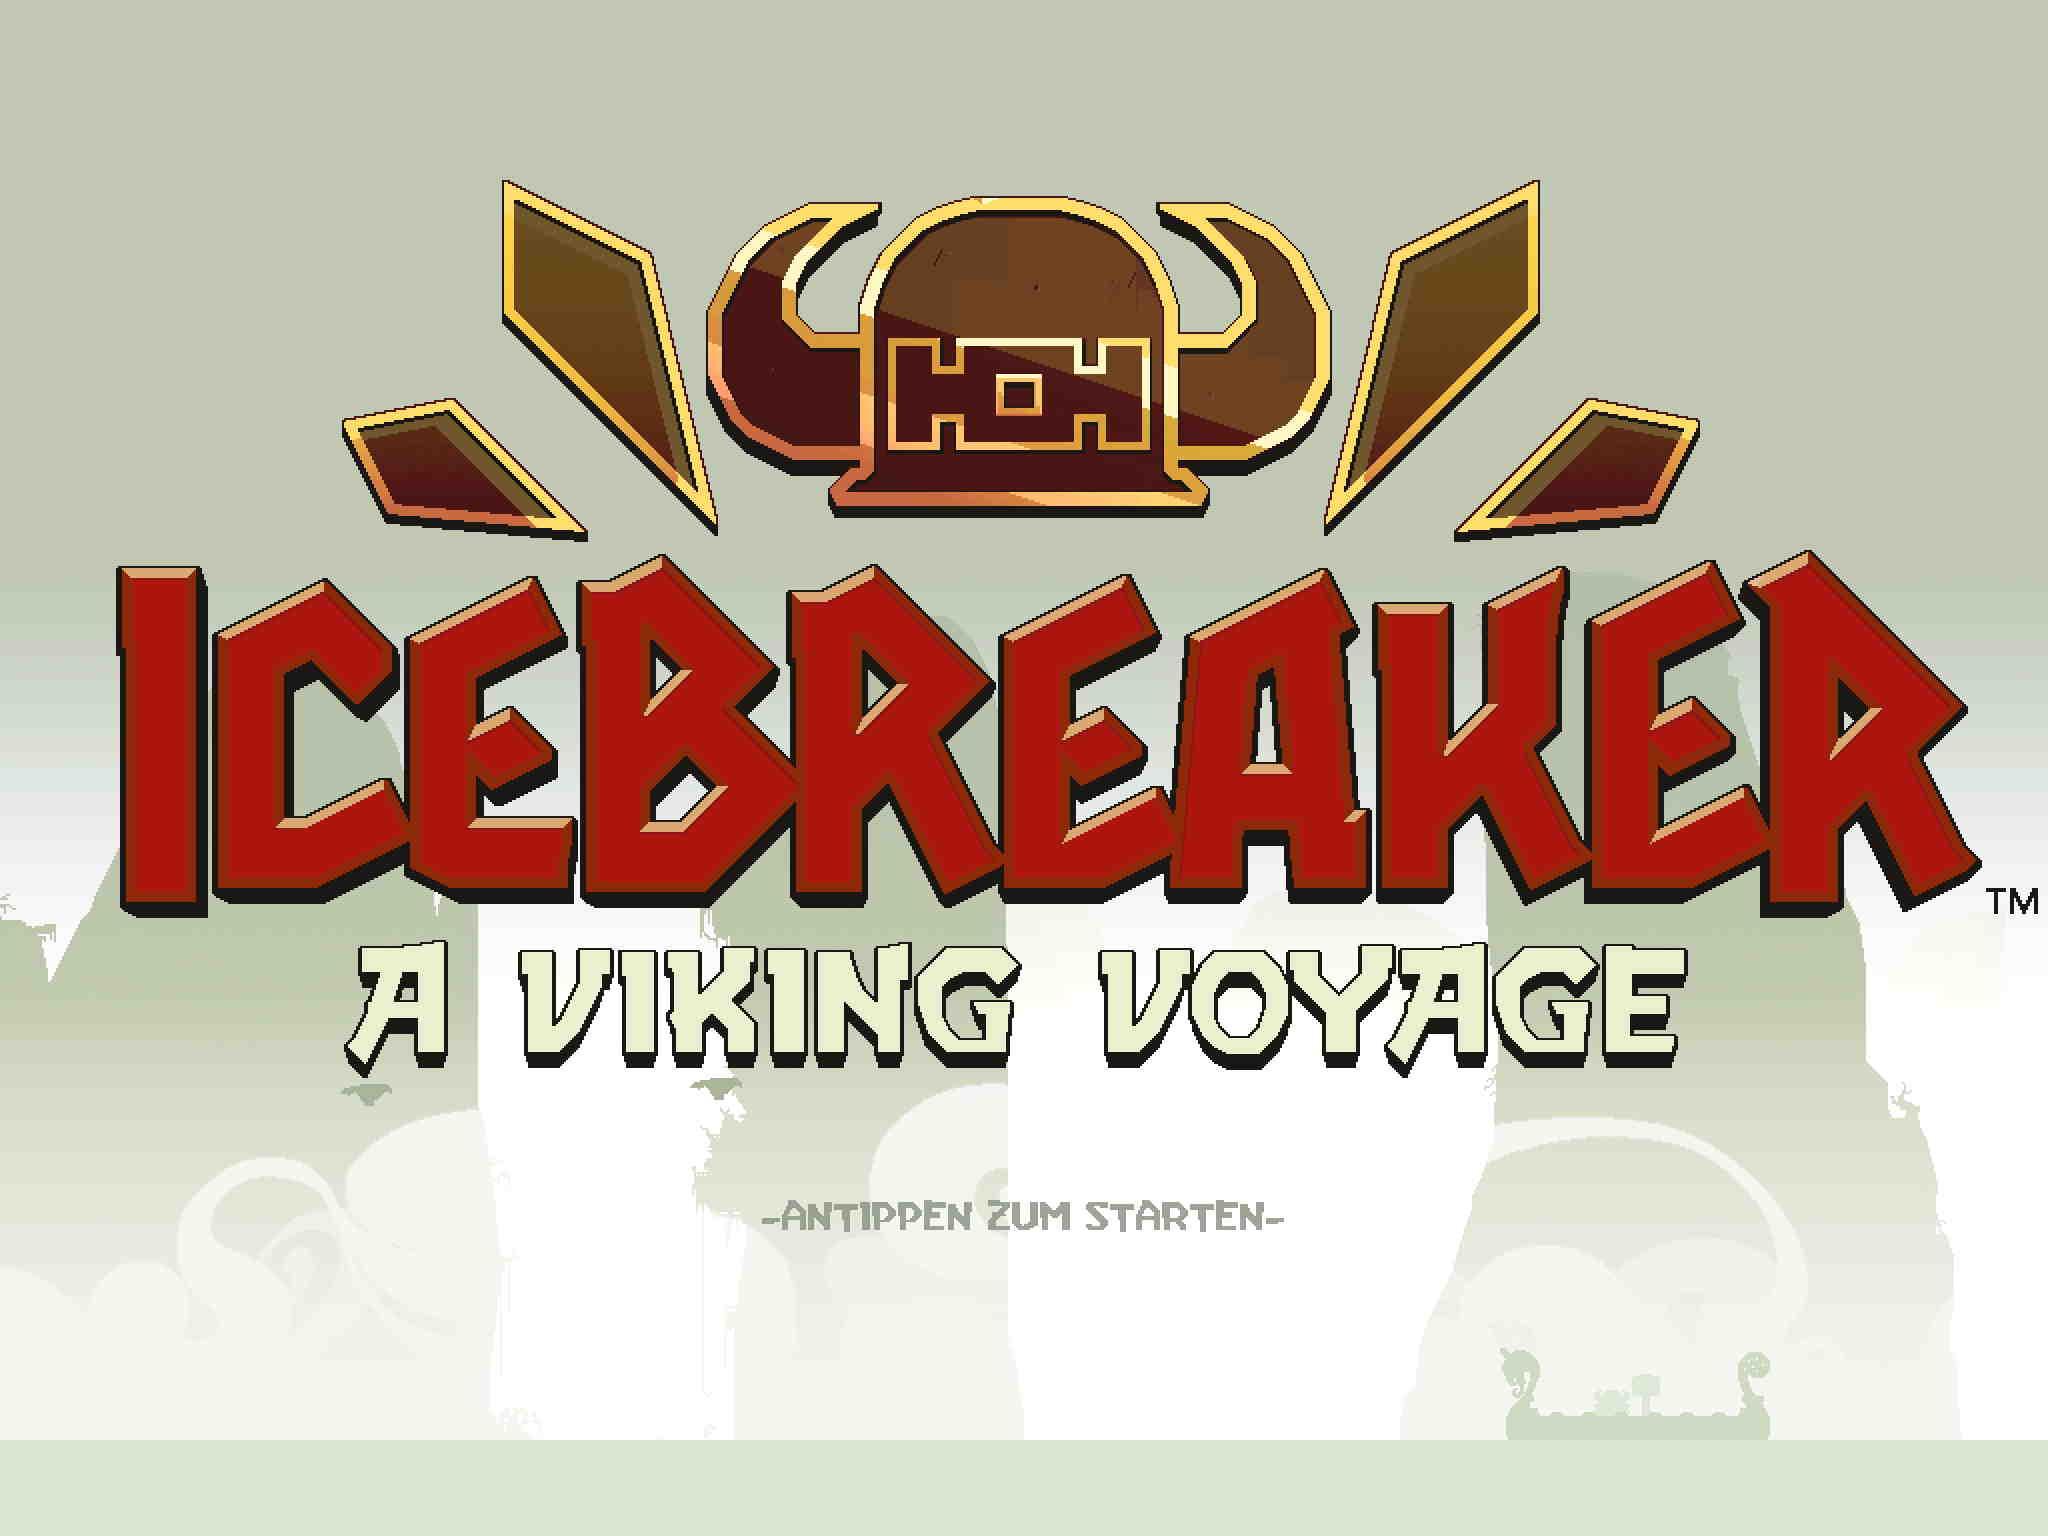 Icebreaker_VikingVoyage01